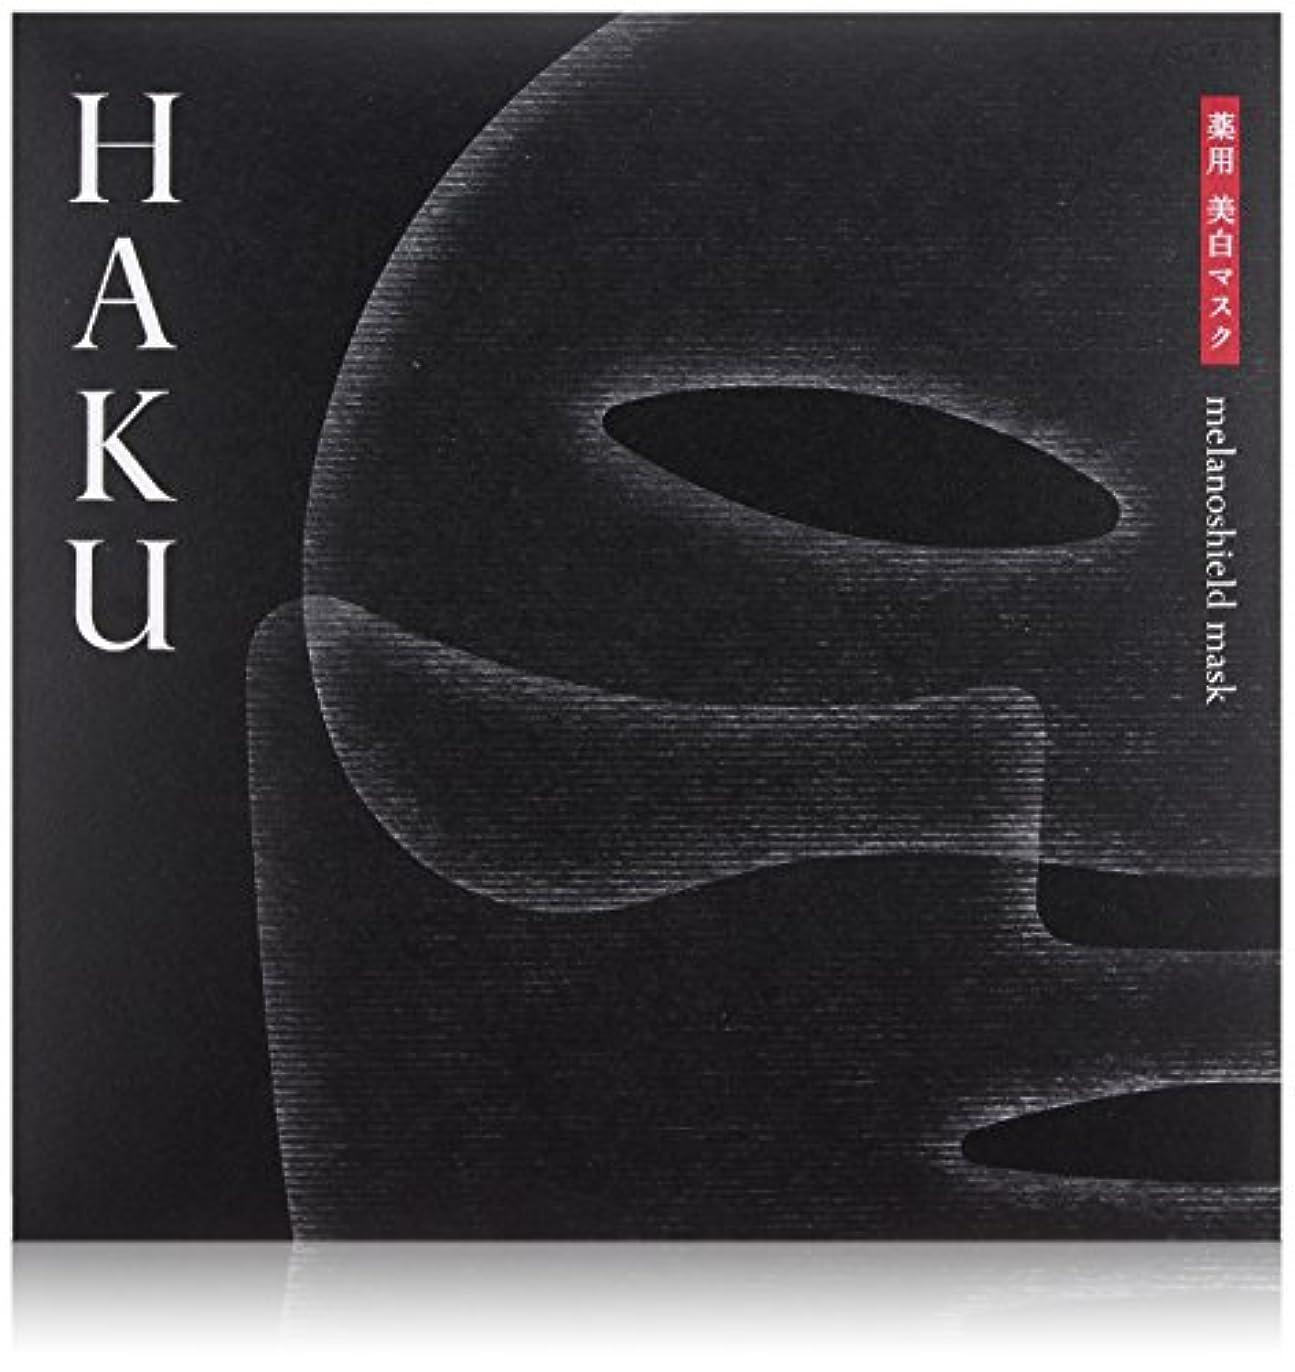 バックスラッシュ物理的にHAKU メラノシールド マスク 30mL 1袋 (上用?下用各1枚入) 薬用美白マスク 【医薬部外品】